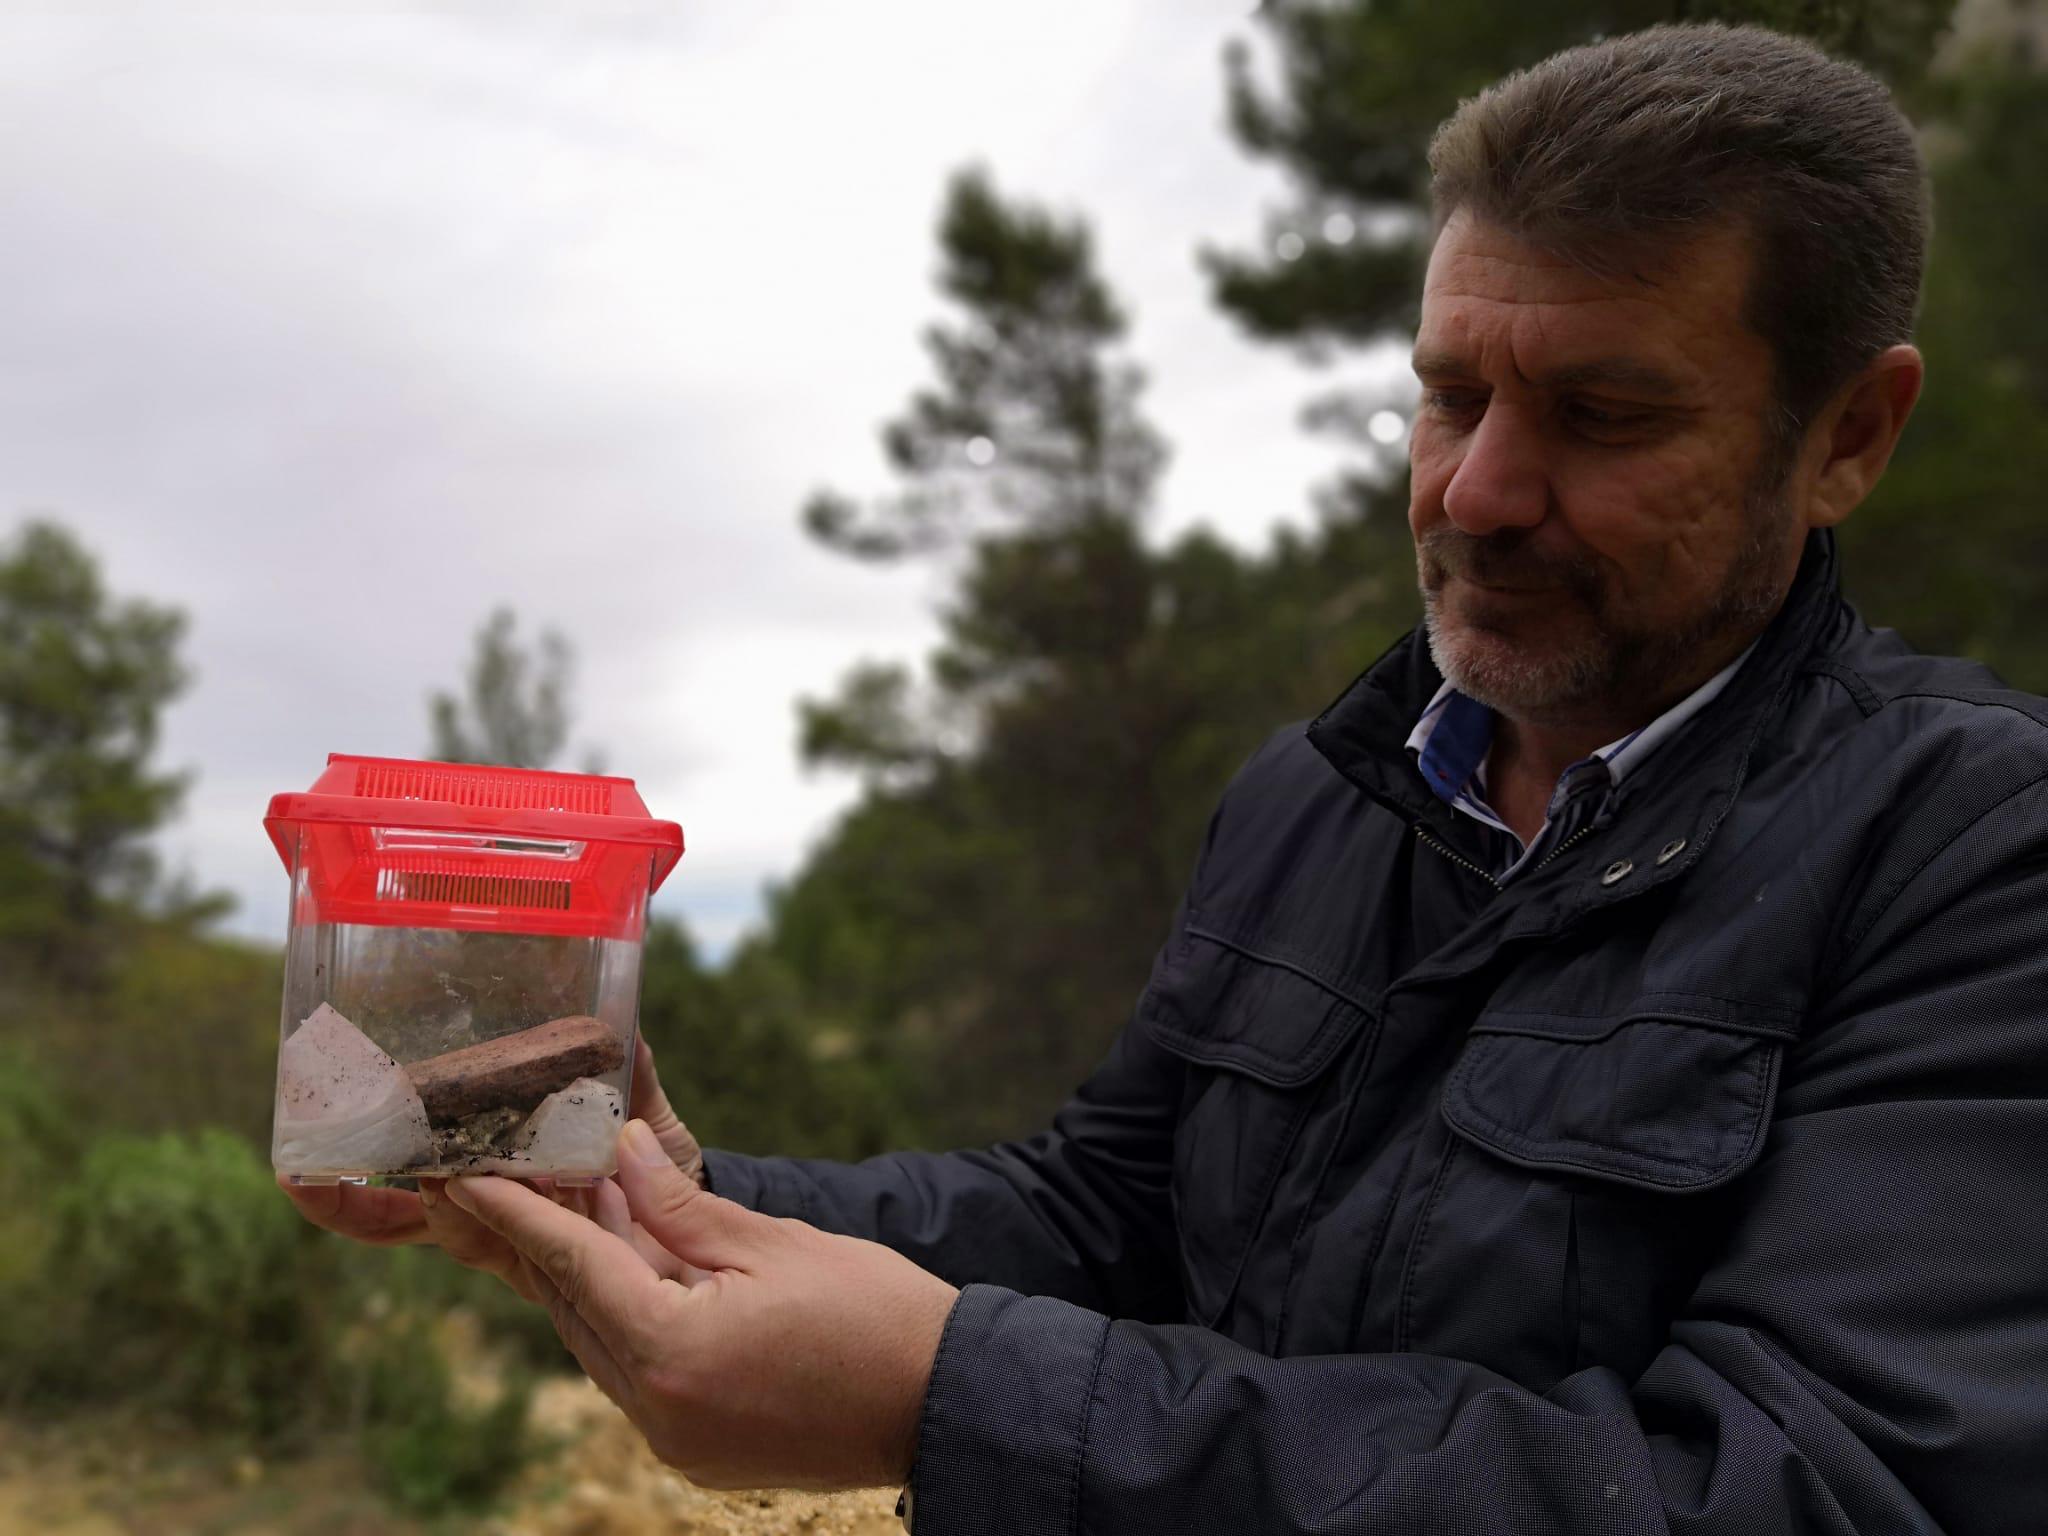 El director general de Medio Natural, Fulgencio Perona, muestra un sapo bajo una piedra. Imagen: CARM